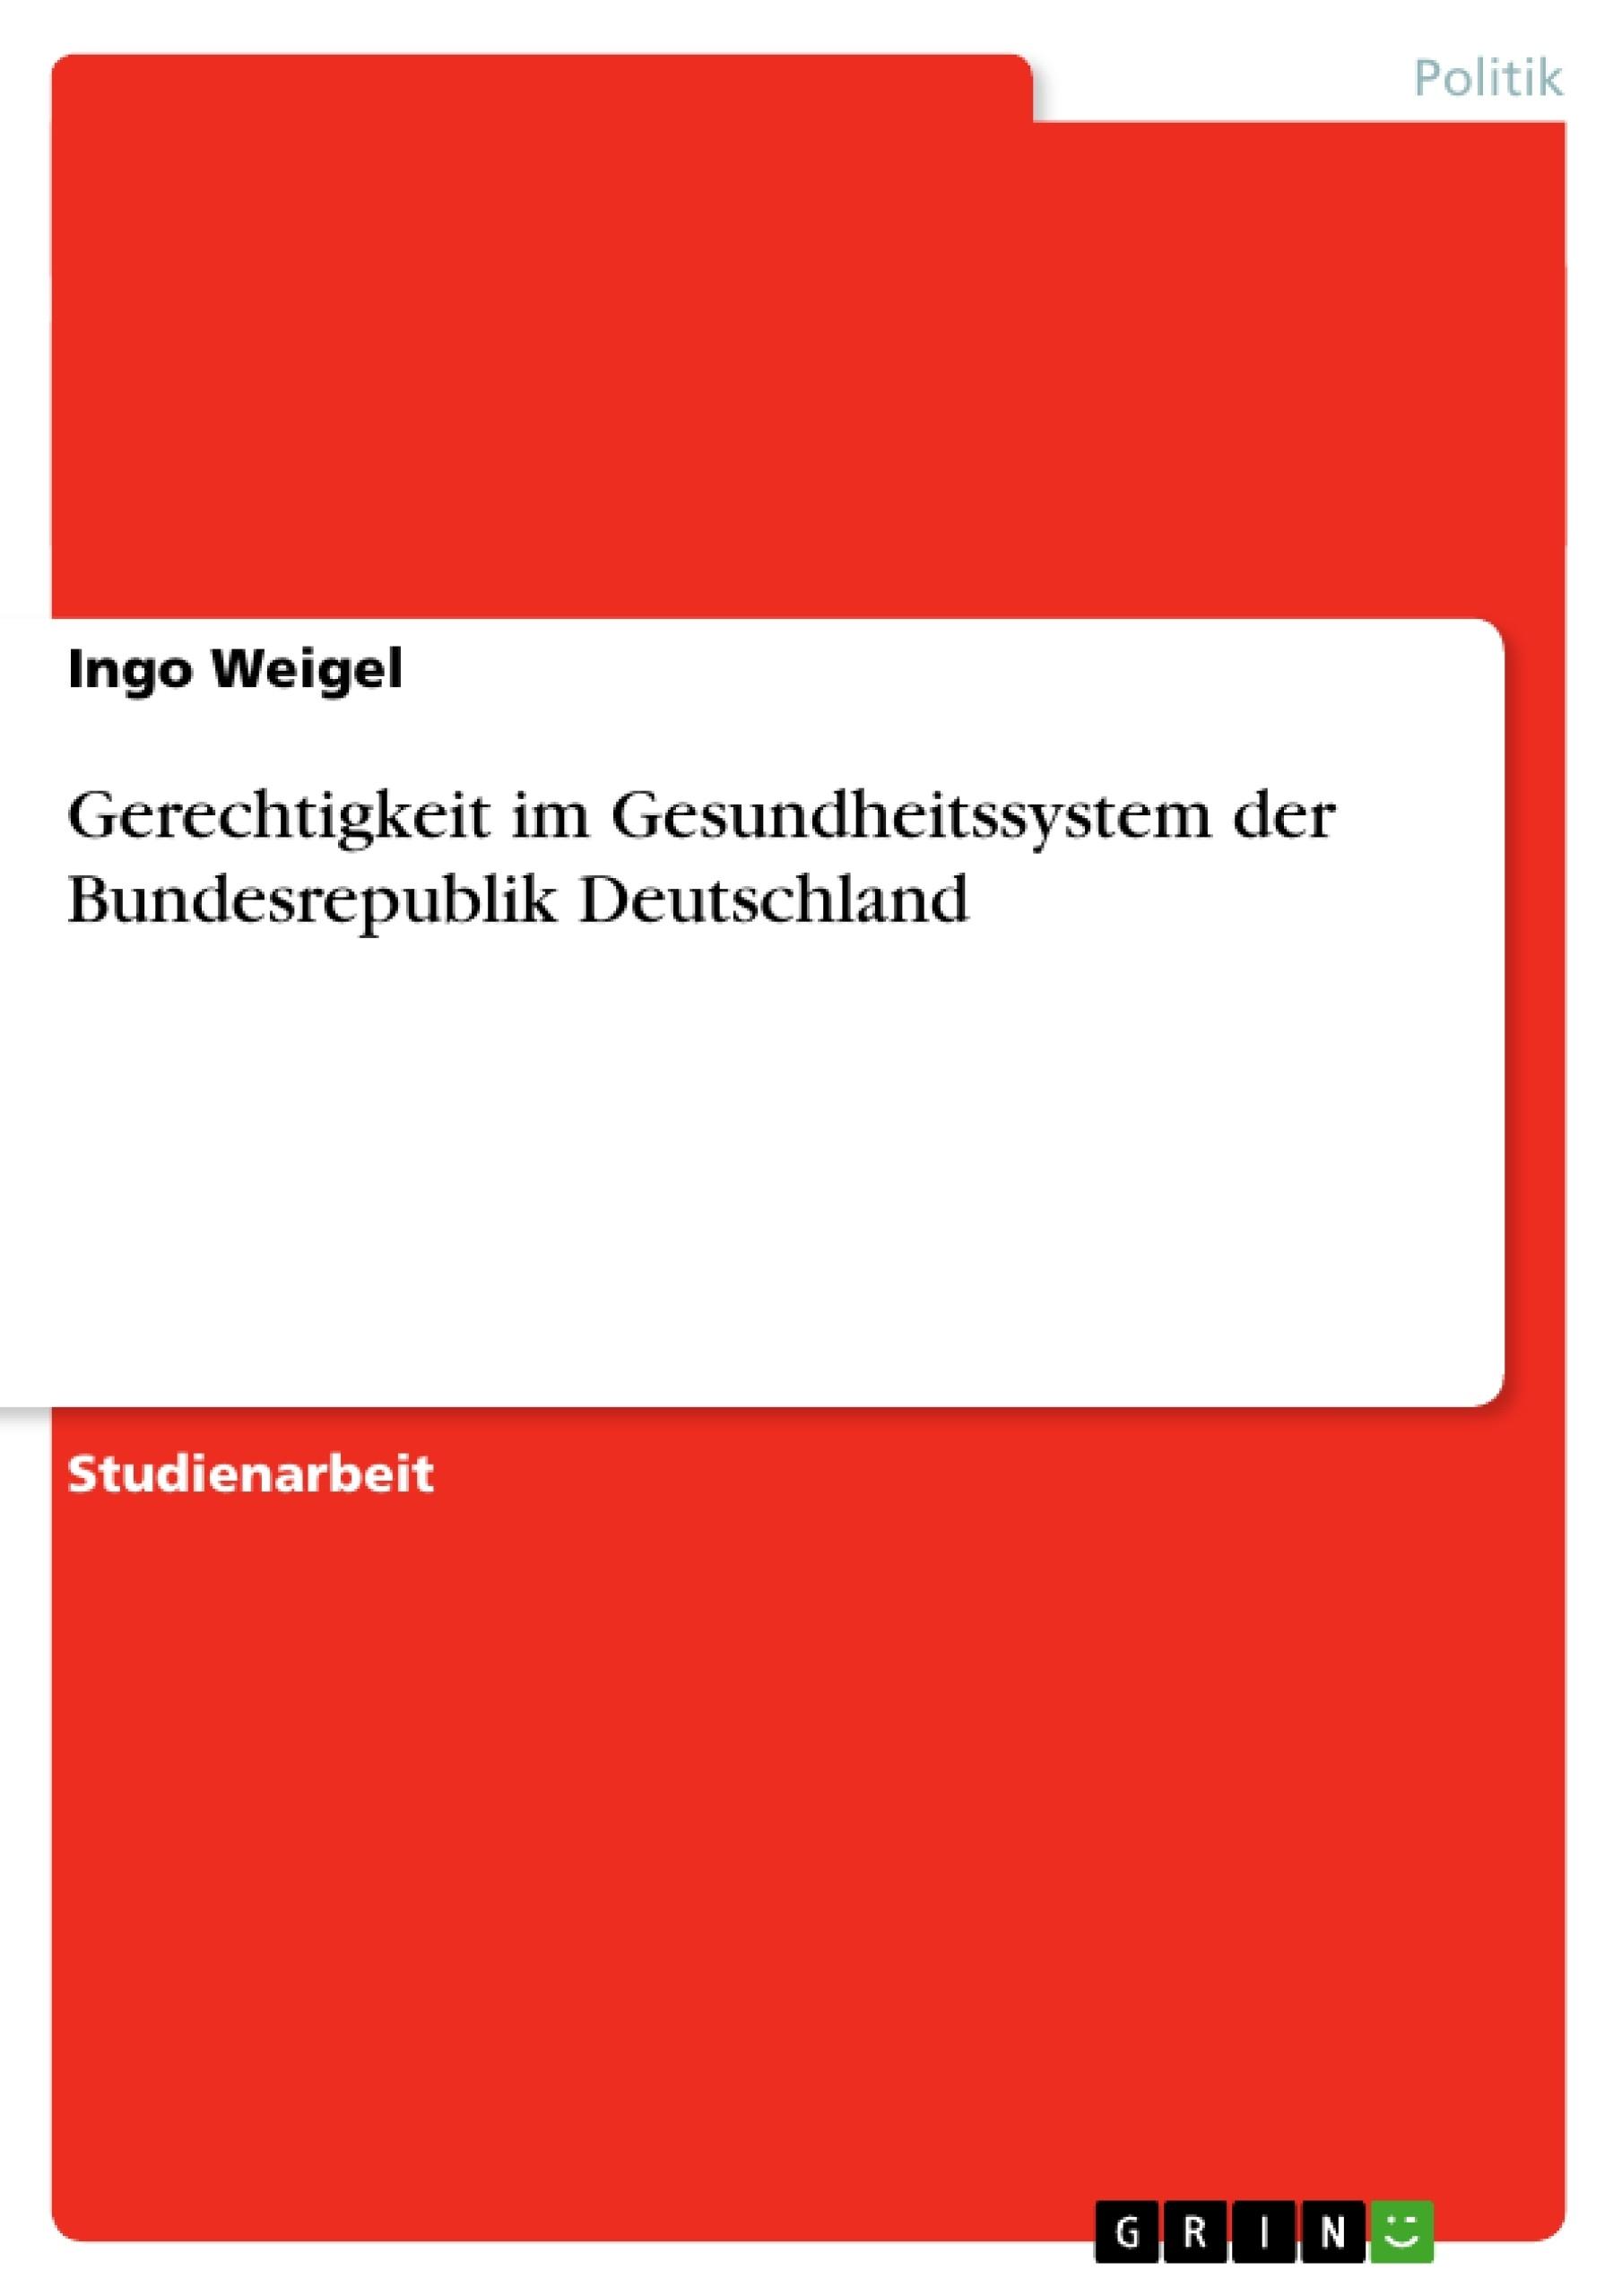 Titel: Gerechtigkeit im Gesundheitssystem der Bundesrepublik Deutschland